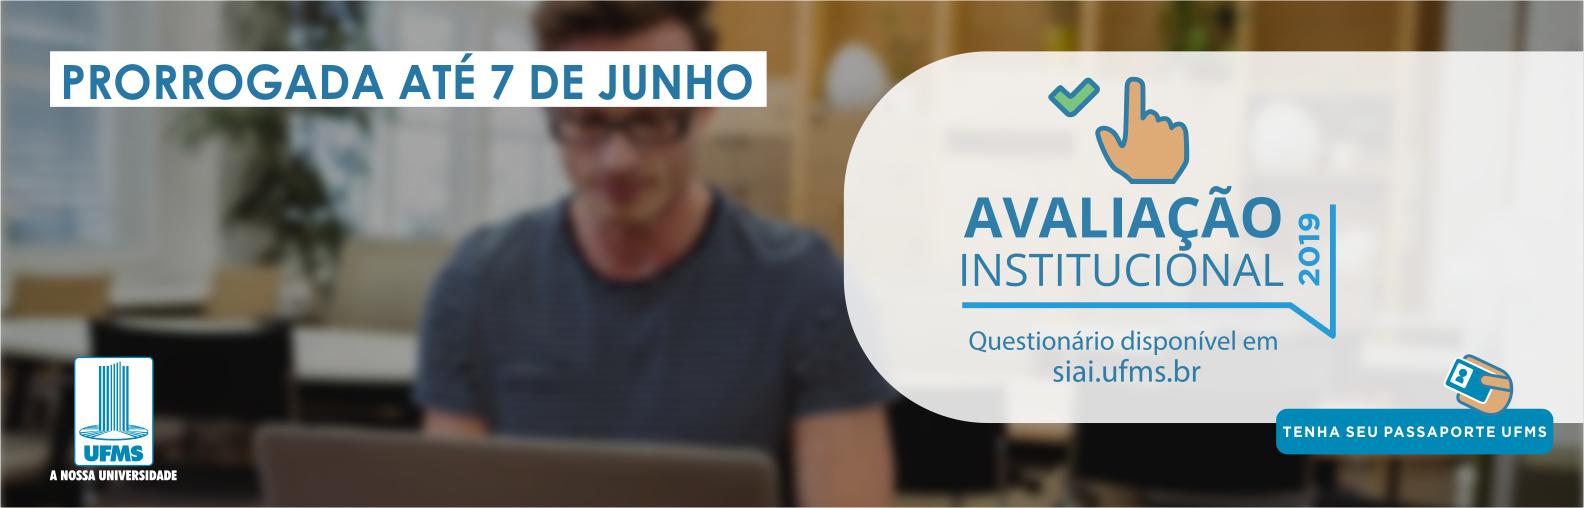 Avaliação Institucional prorrogada até 7 de junho pelo site siai.ufms.br